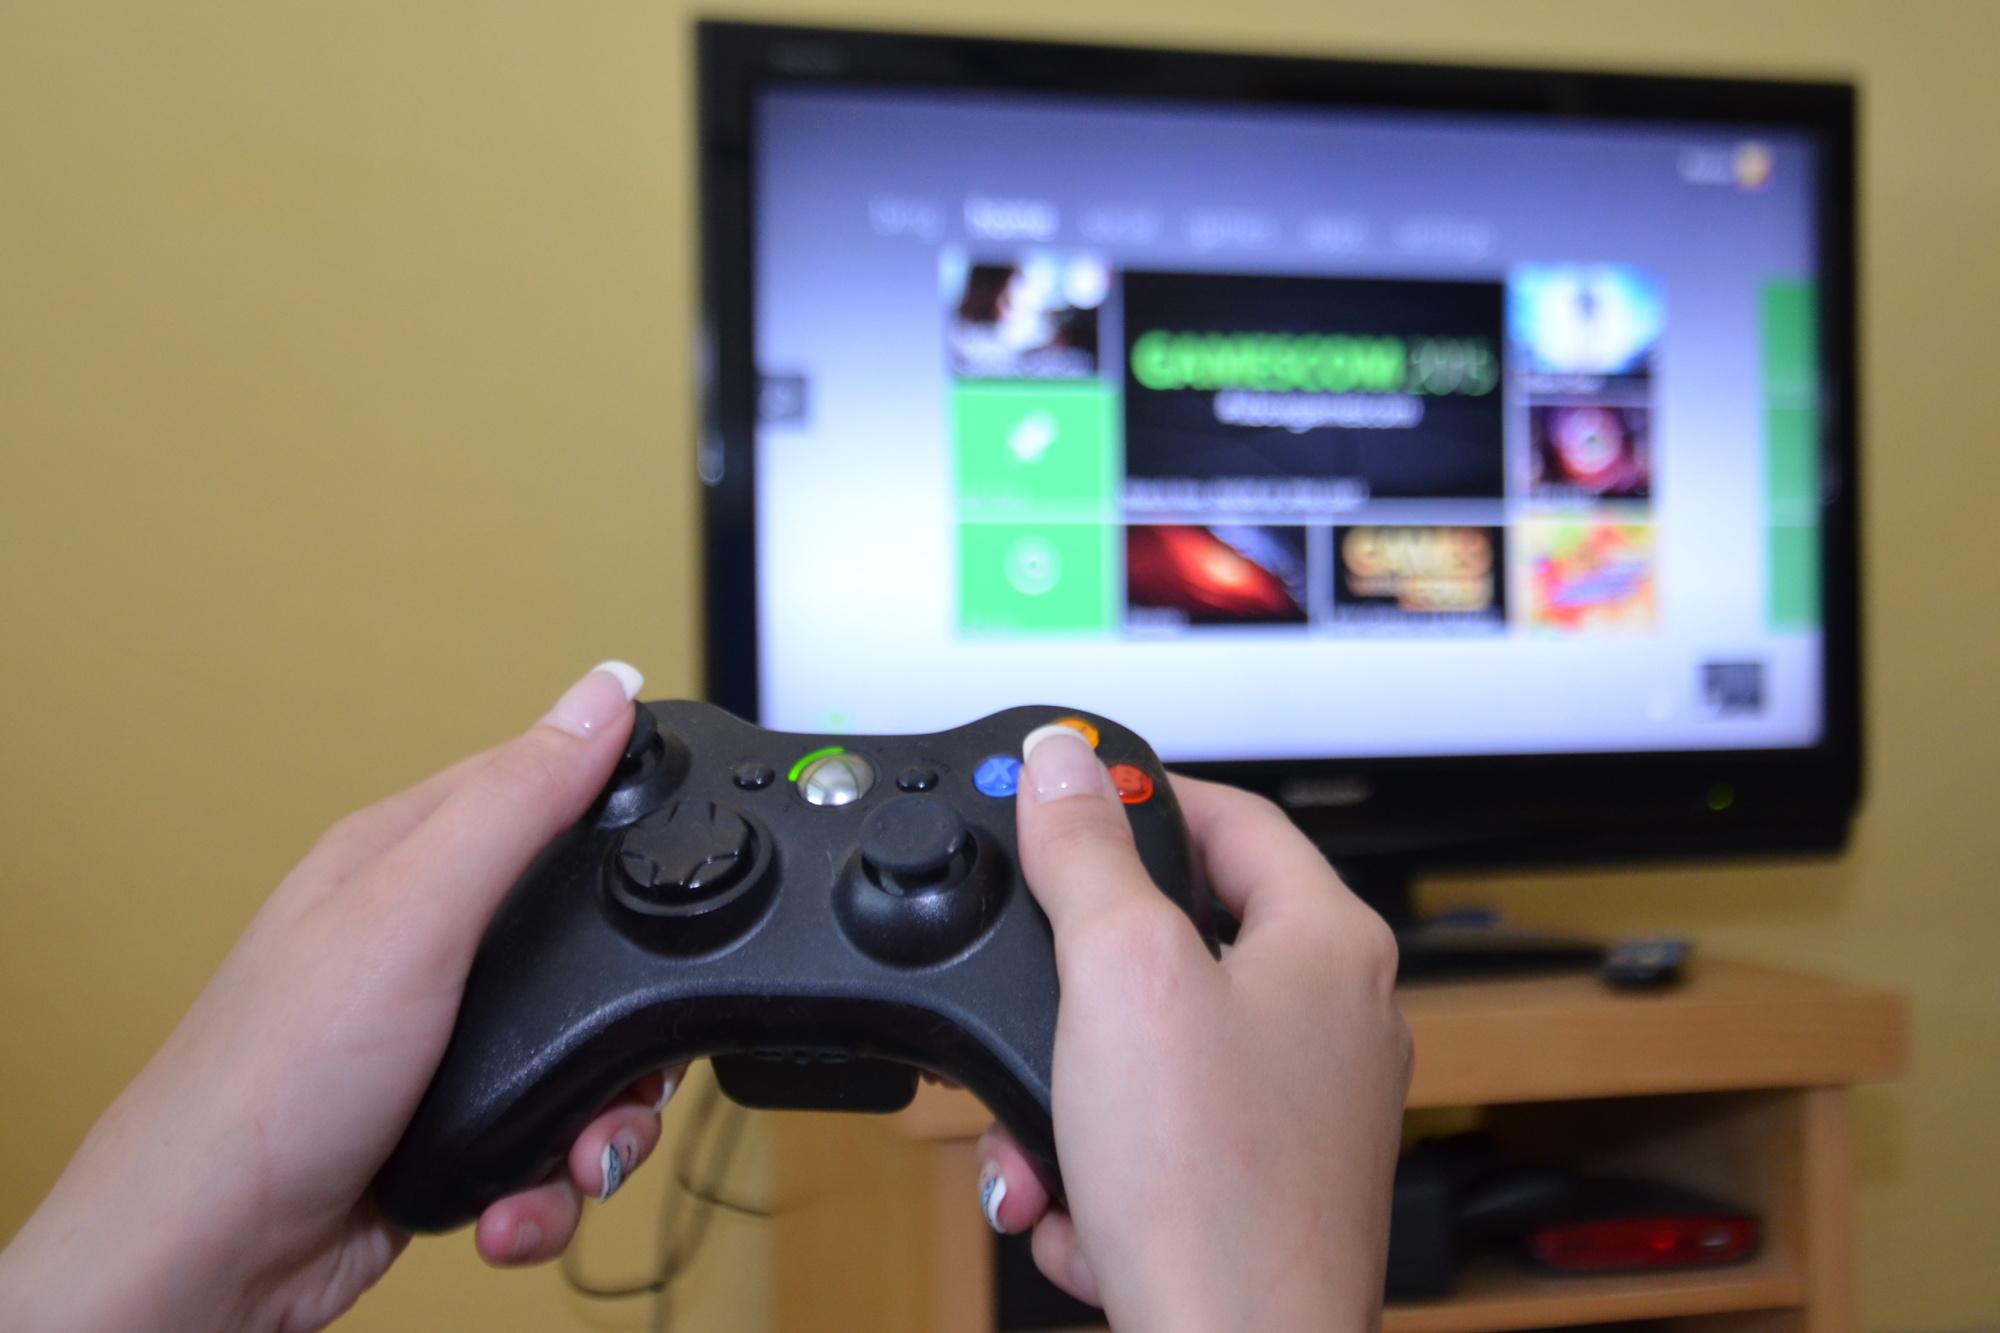 Počítačové hry, konzole, videohry, herní konzole, xbox (ilustrační foto)